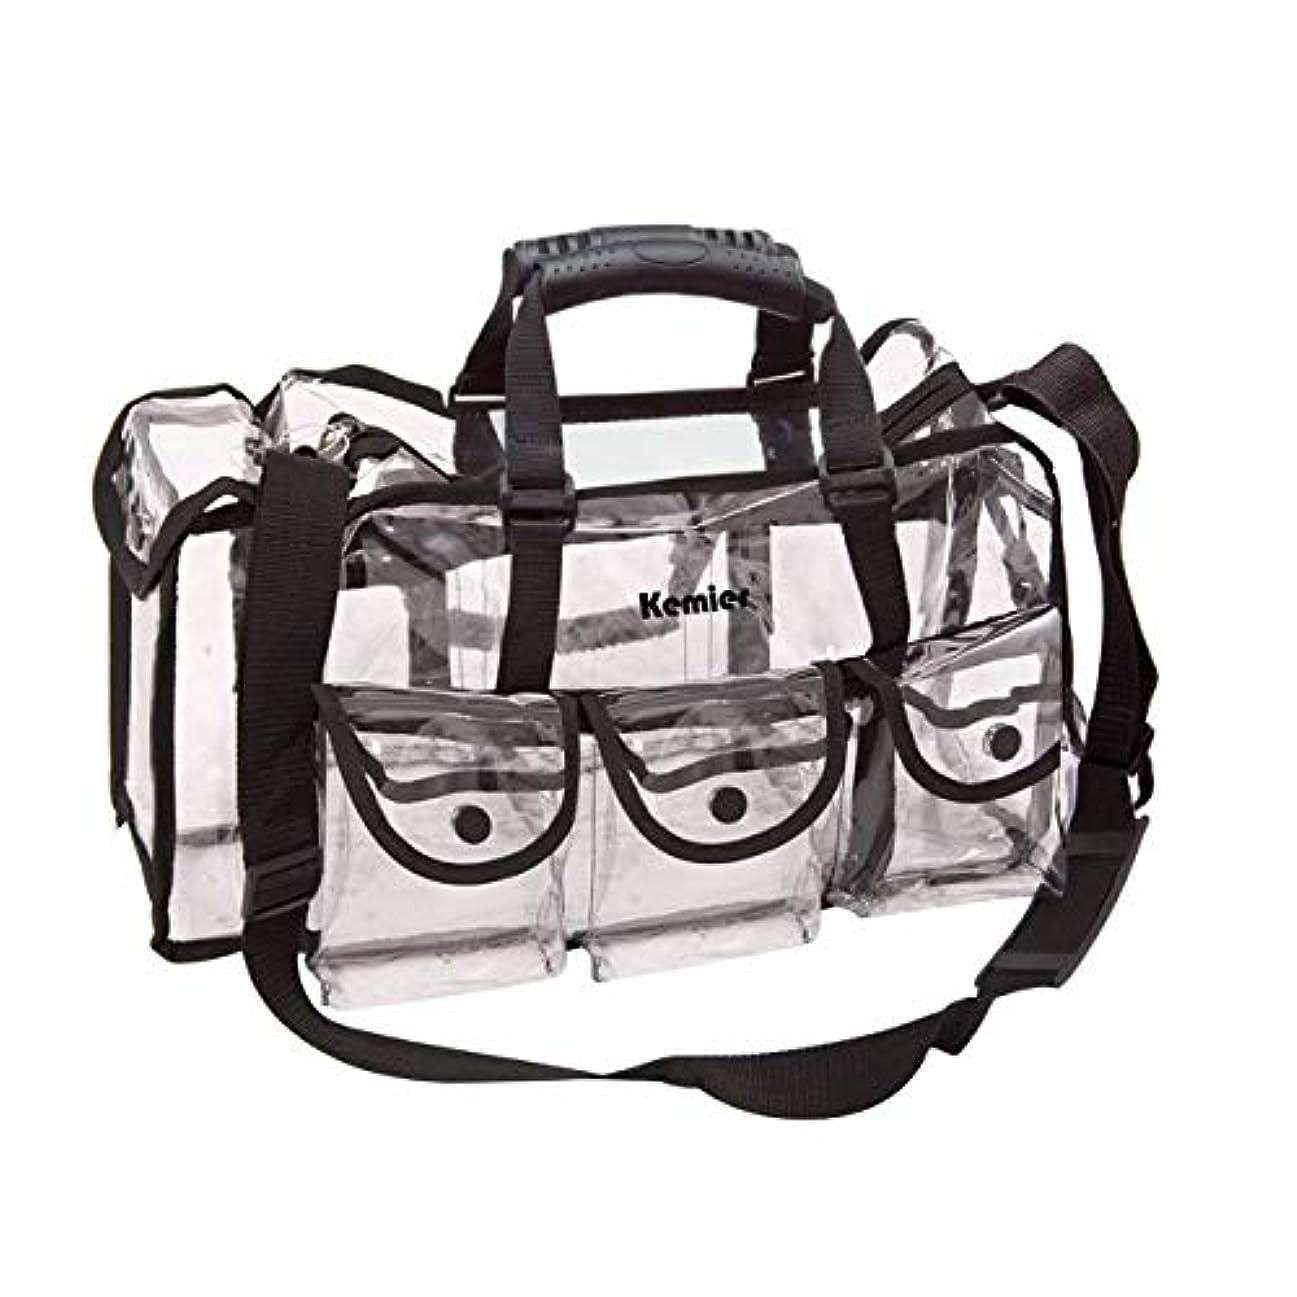 残酷プライム恐れるKemier 透明 ハンドバッグ 機能的 コスメポーチ メイクポーチ メイクケース 小物入れ 化粧道具 整理整頓 軽量 防水 旅行 小物入れ 6つの外側ポケット付き